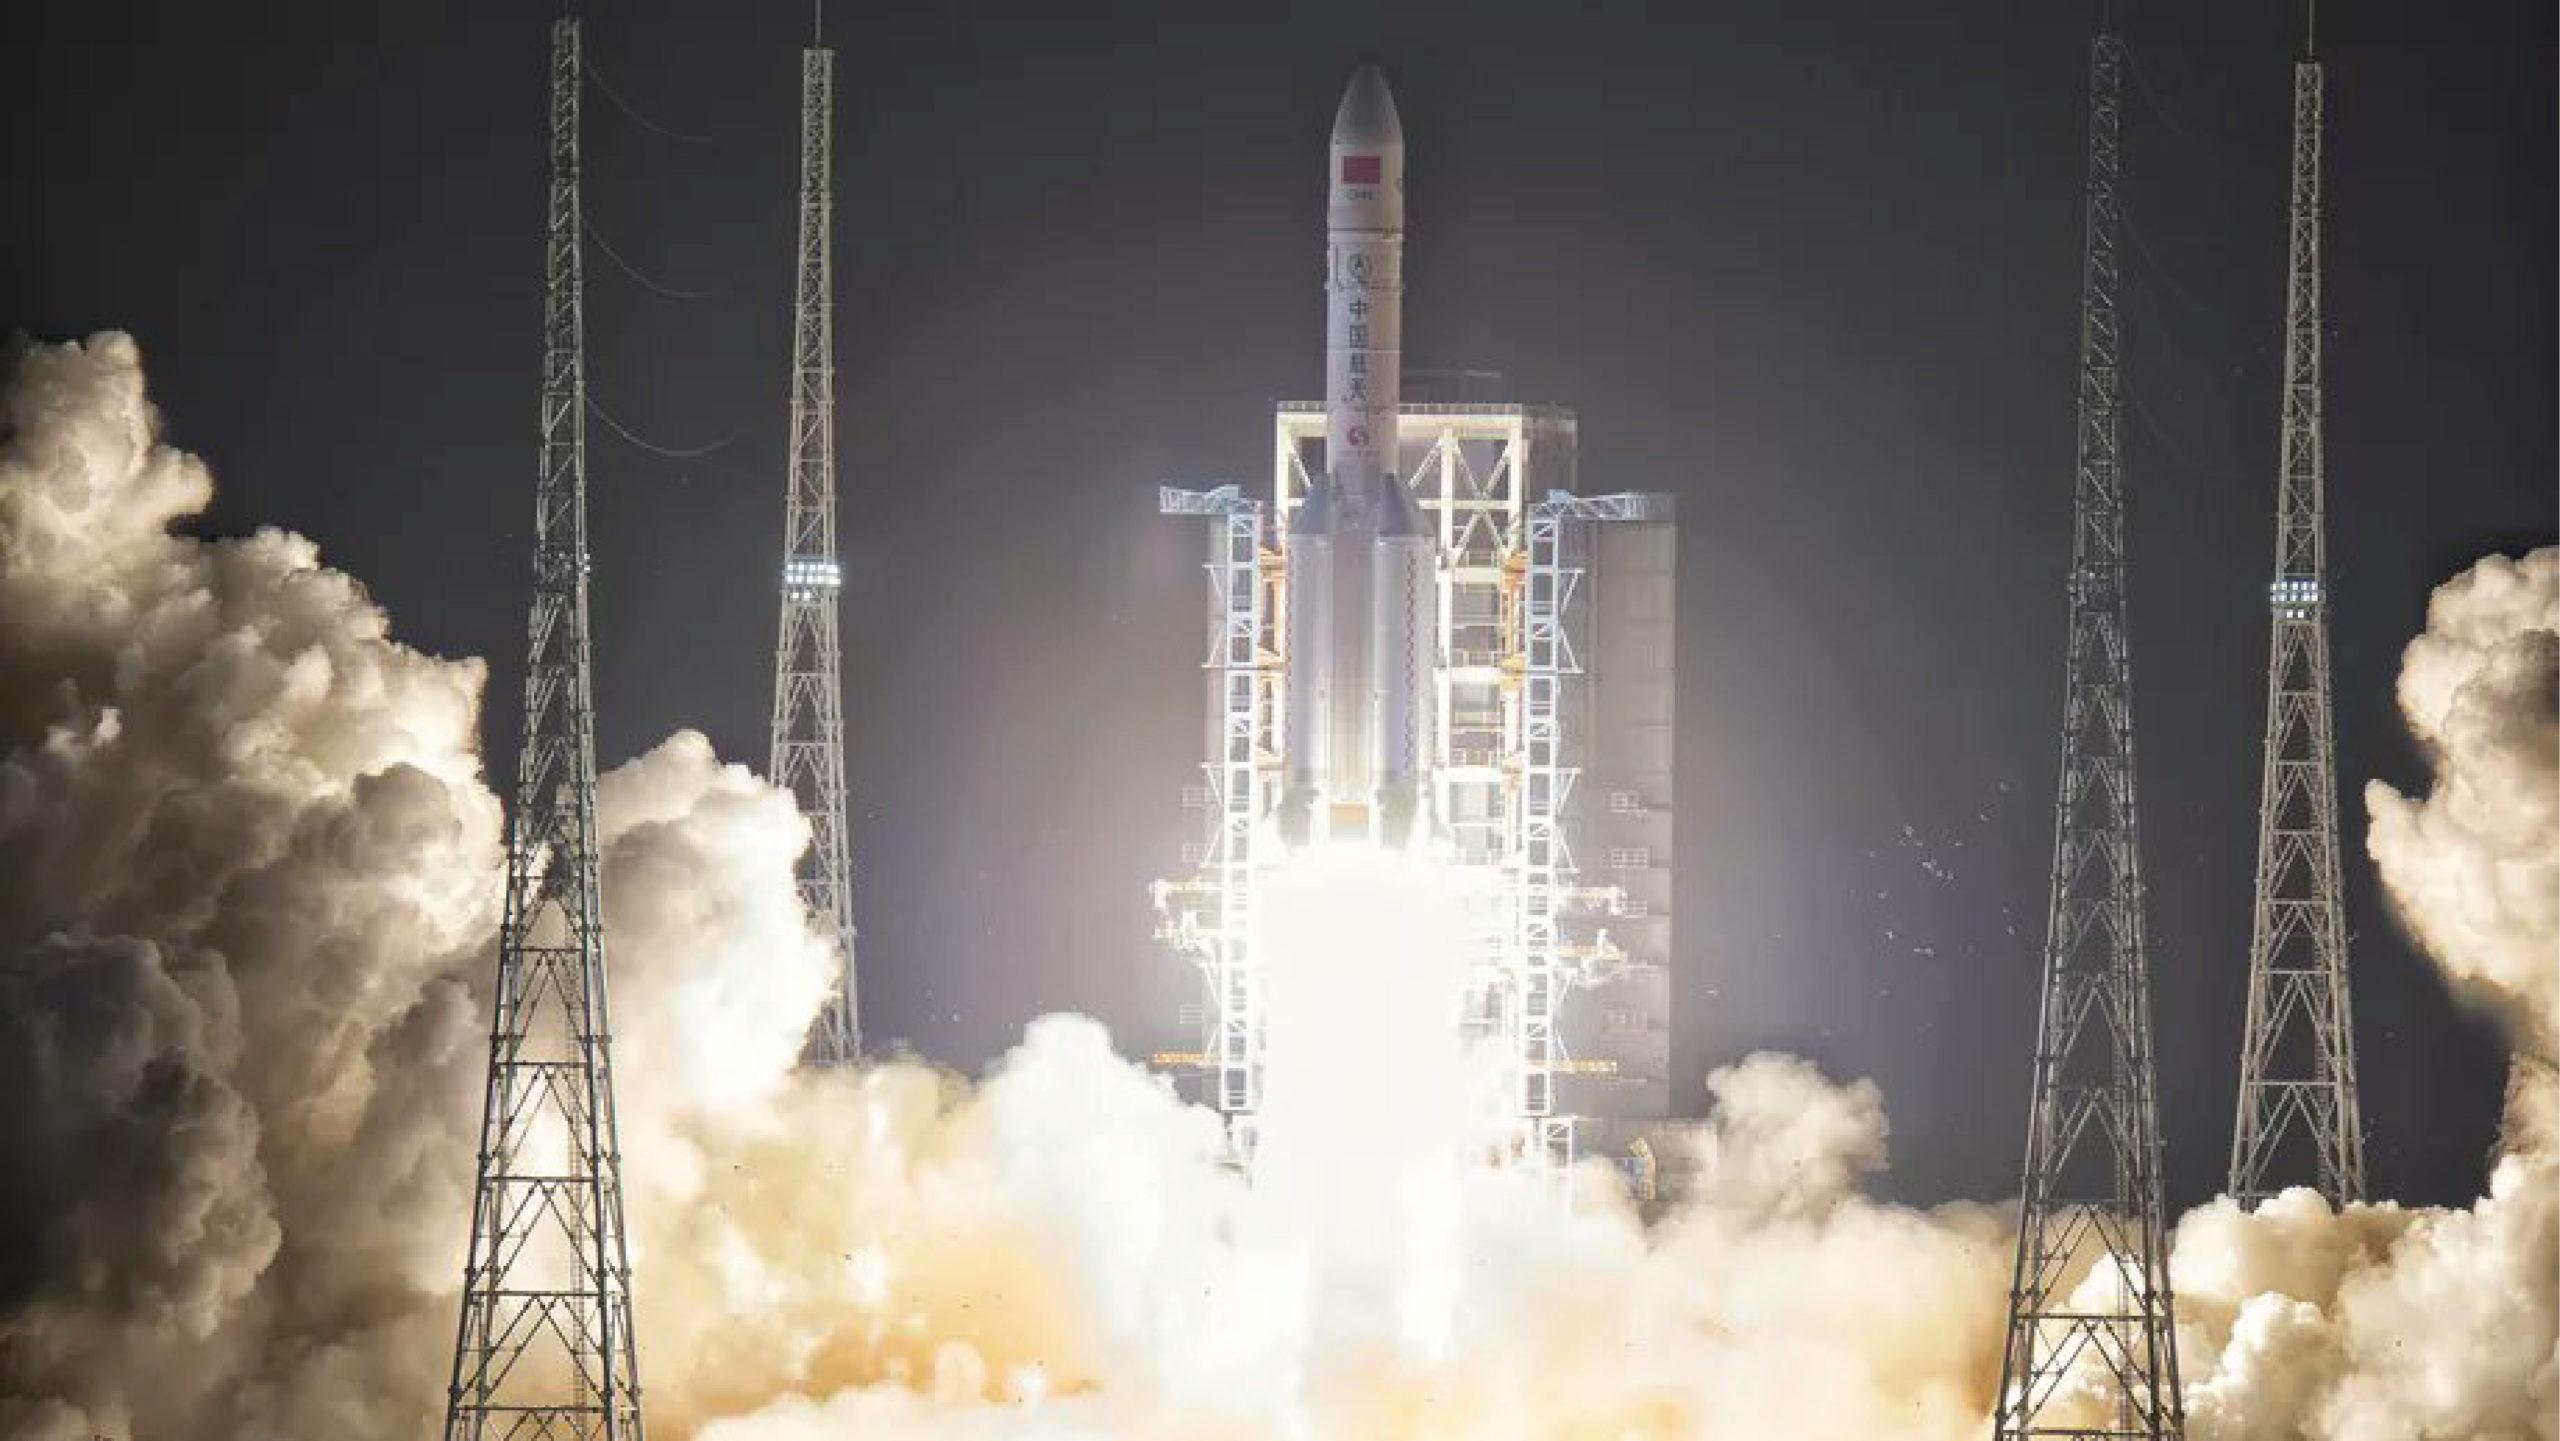 China tendrá cohete en 2028 capaz de enviar una misión tripulada a la Luna